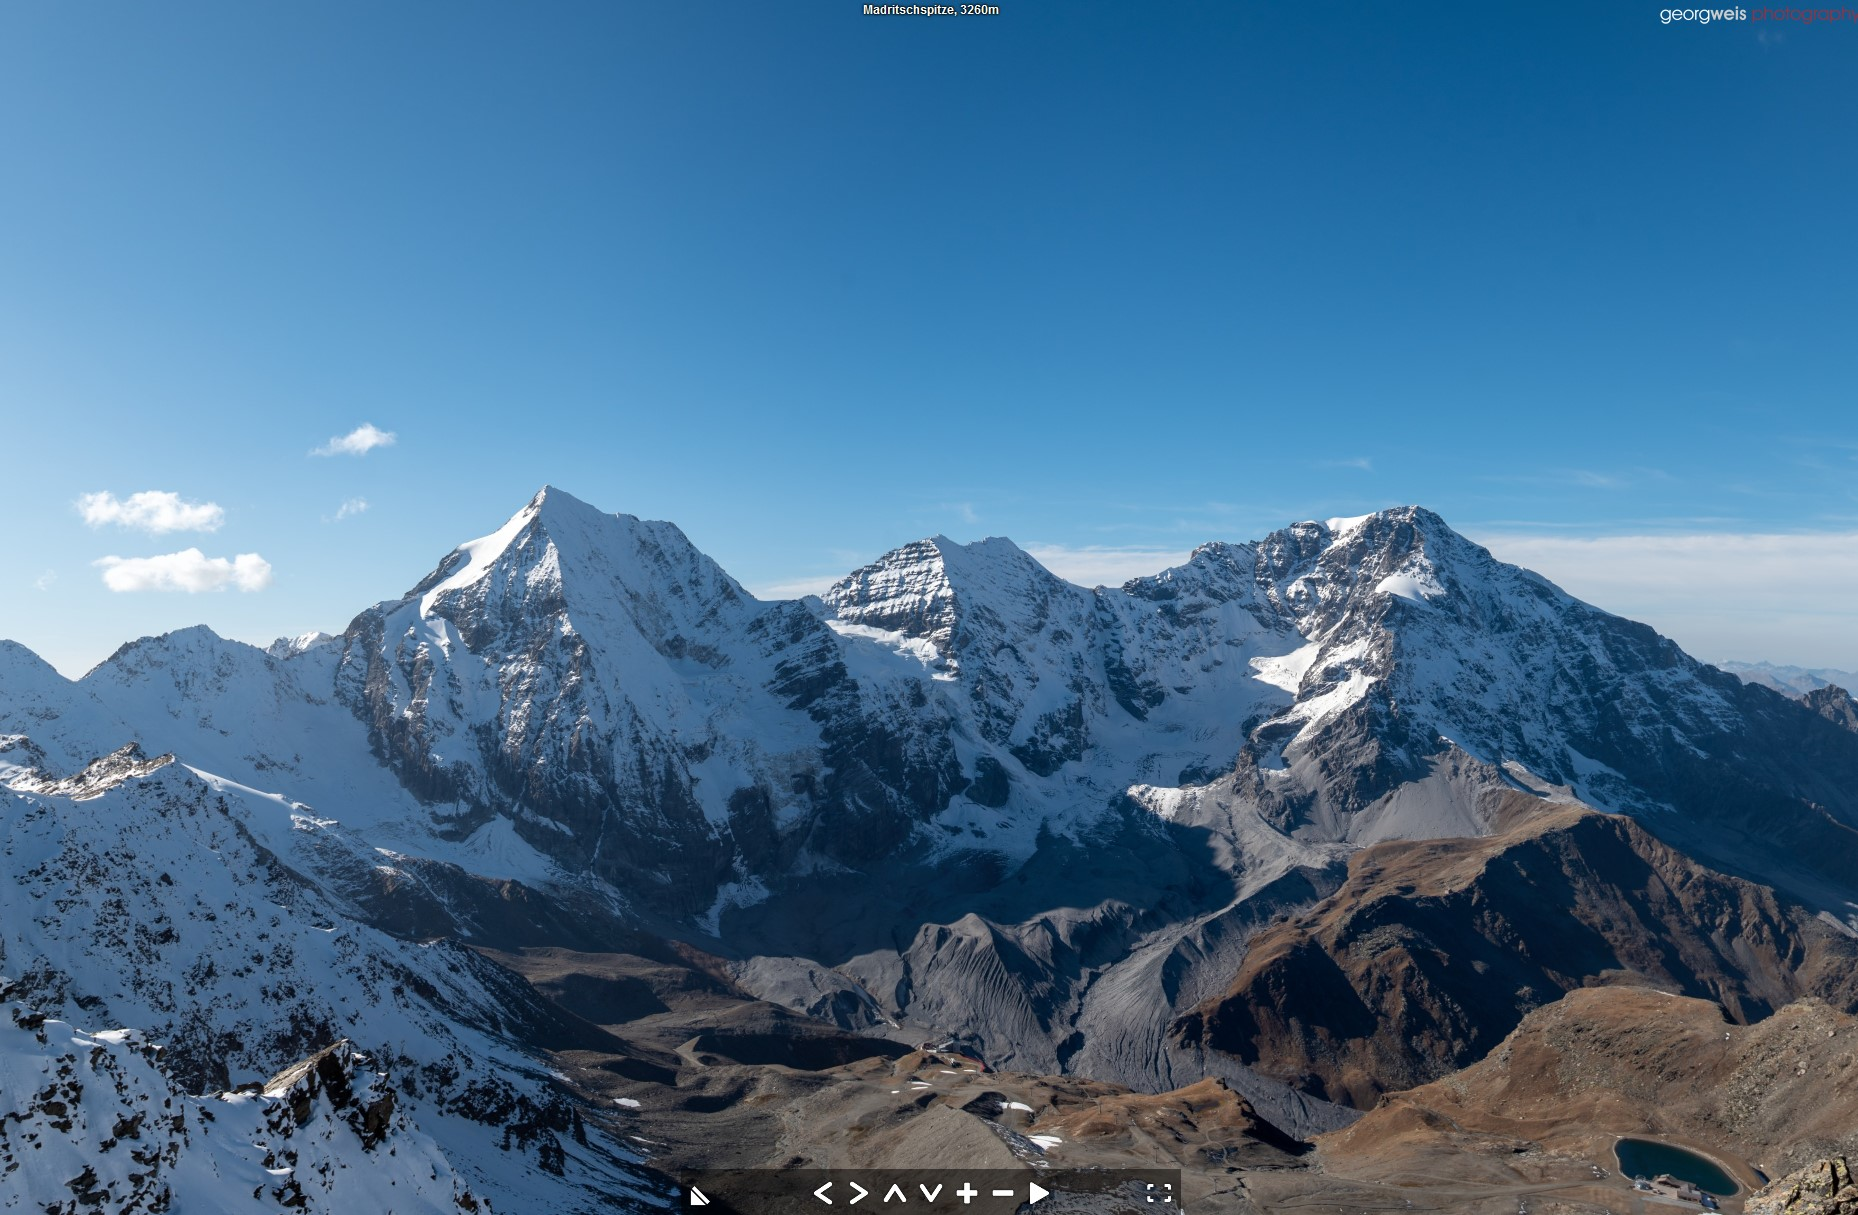 Madritschspitze (2365 m), Martell